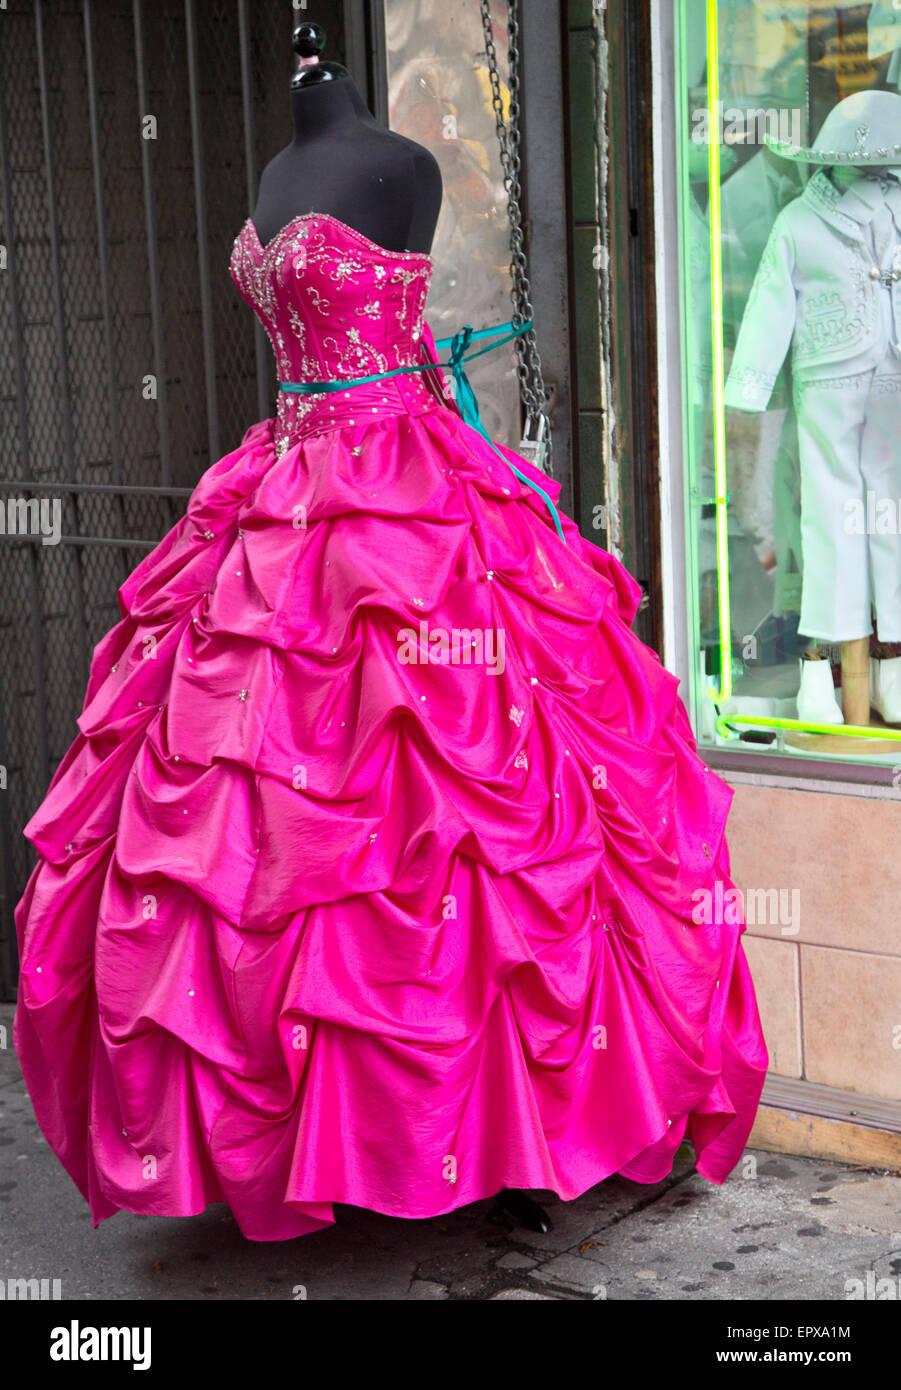 Gowns Imágenes De Stock & Gowns Fotos De Stock - Alamy